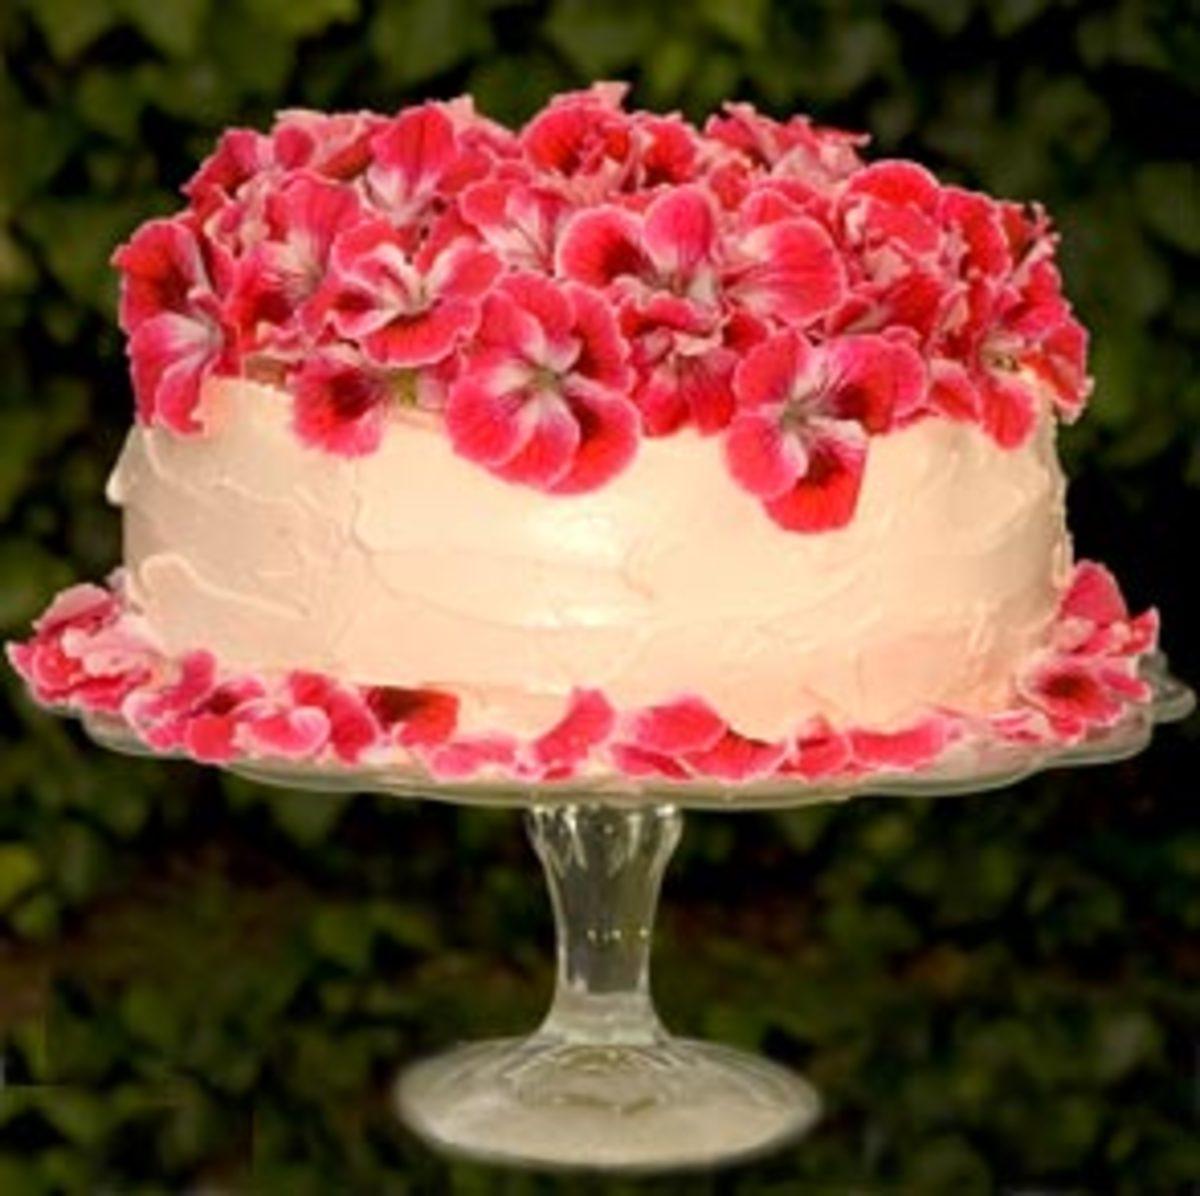 organic geranium cake